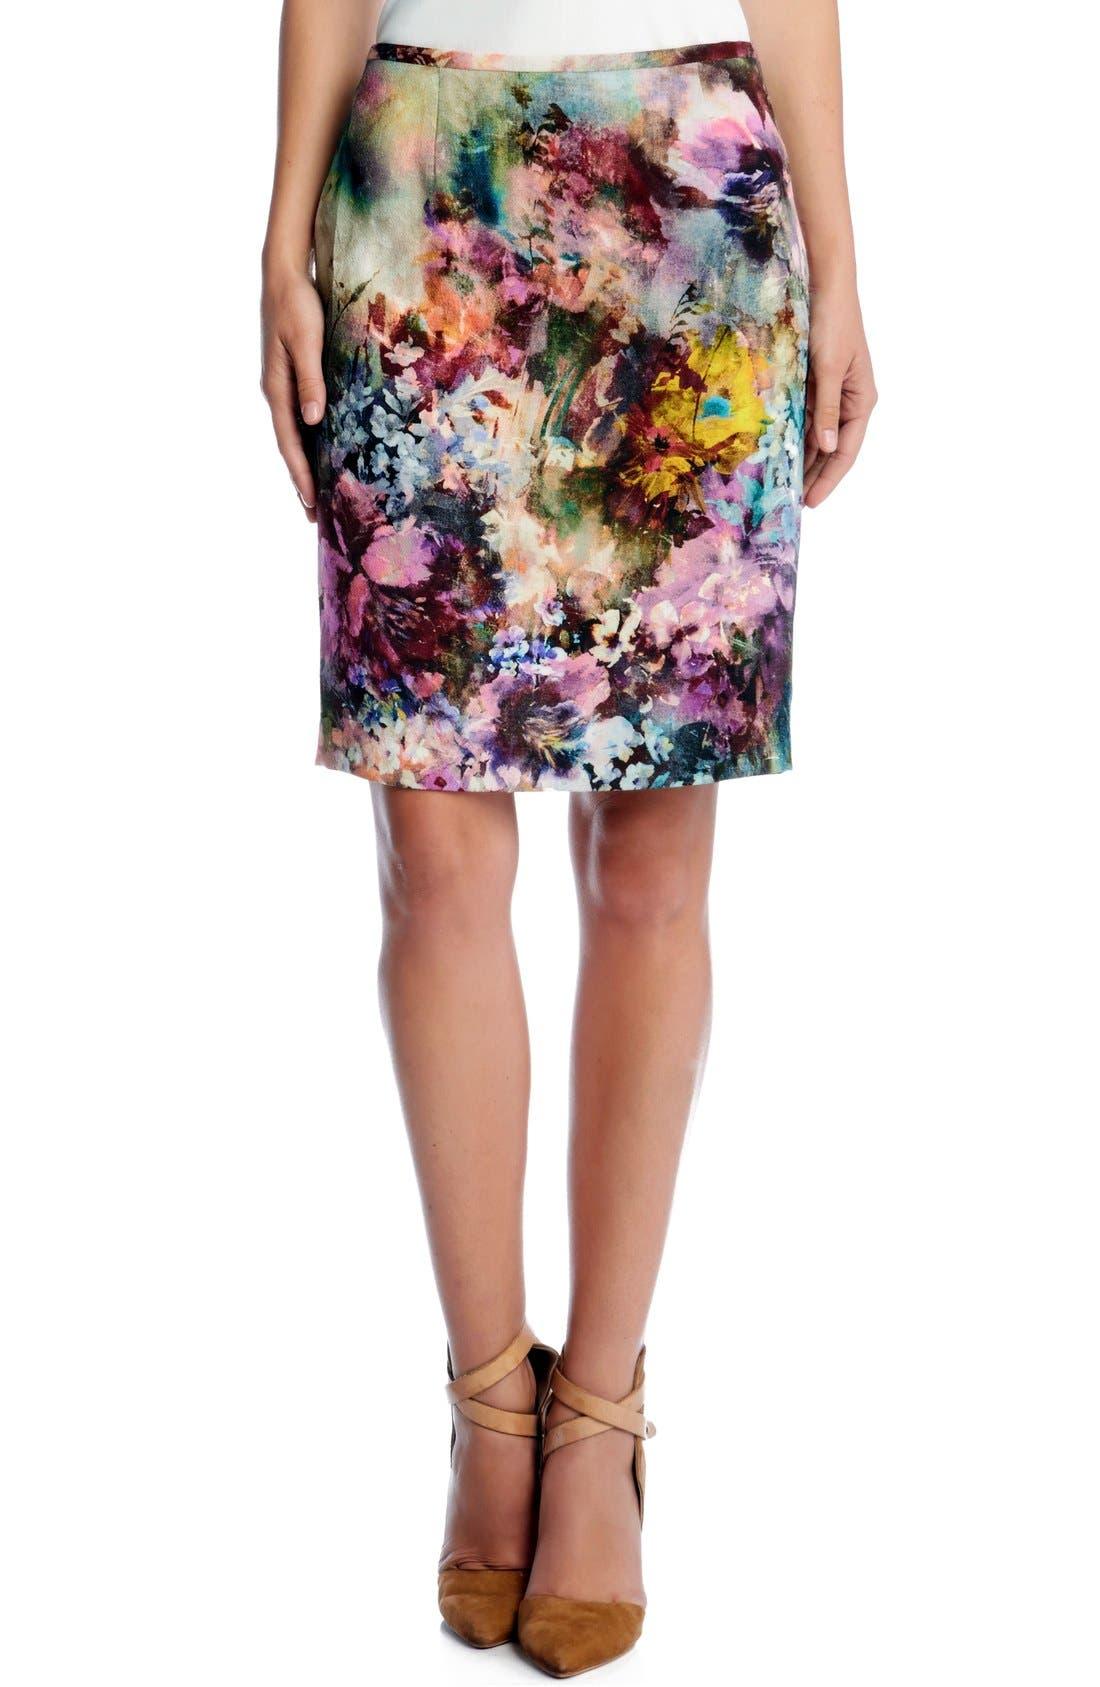 Alternate Image 1 Selected - Karen Kane 'Avant Garden' Print Pencil Skirt